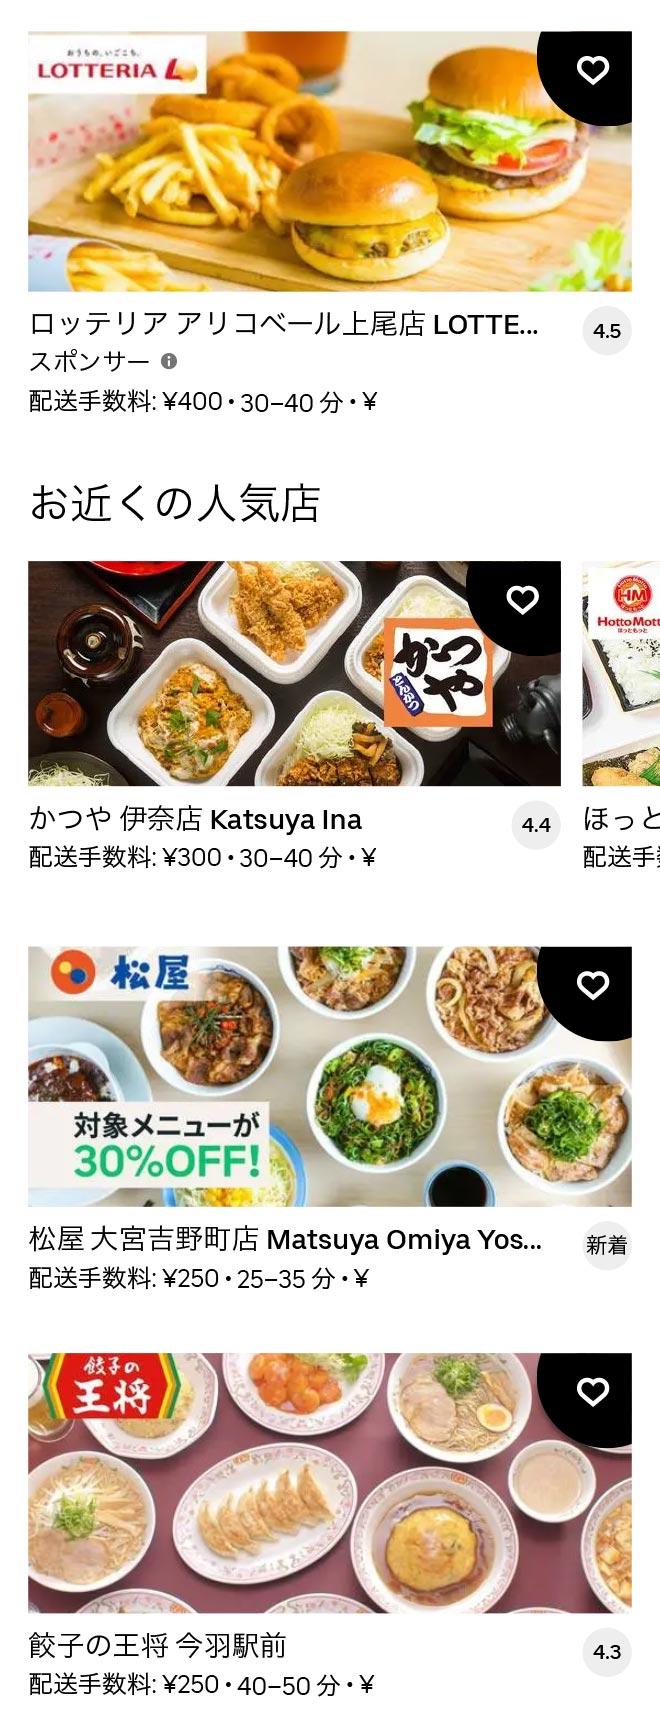 Haraichi menu 2012 01